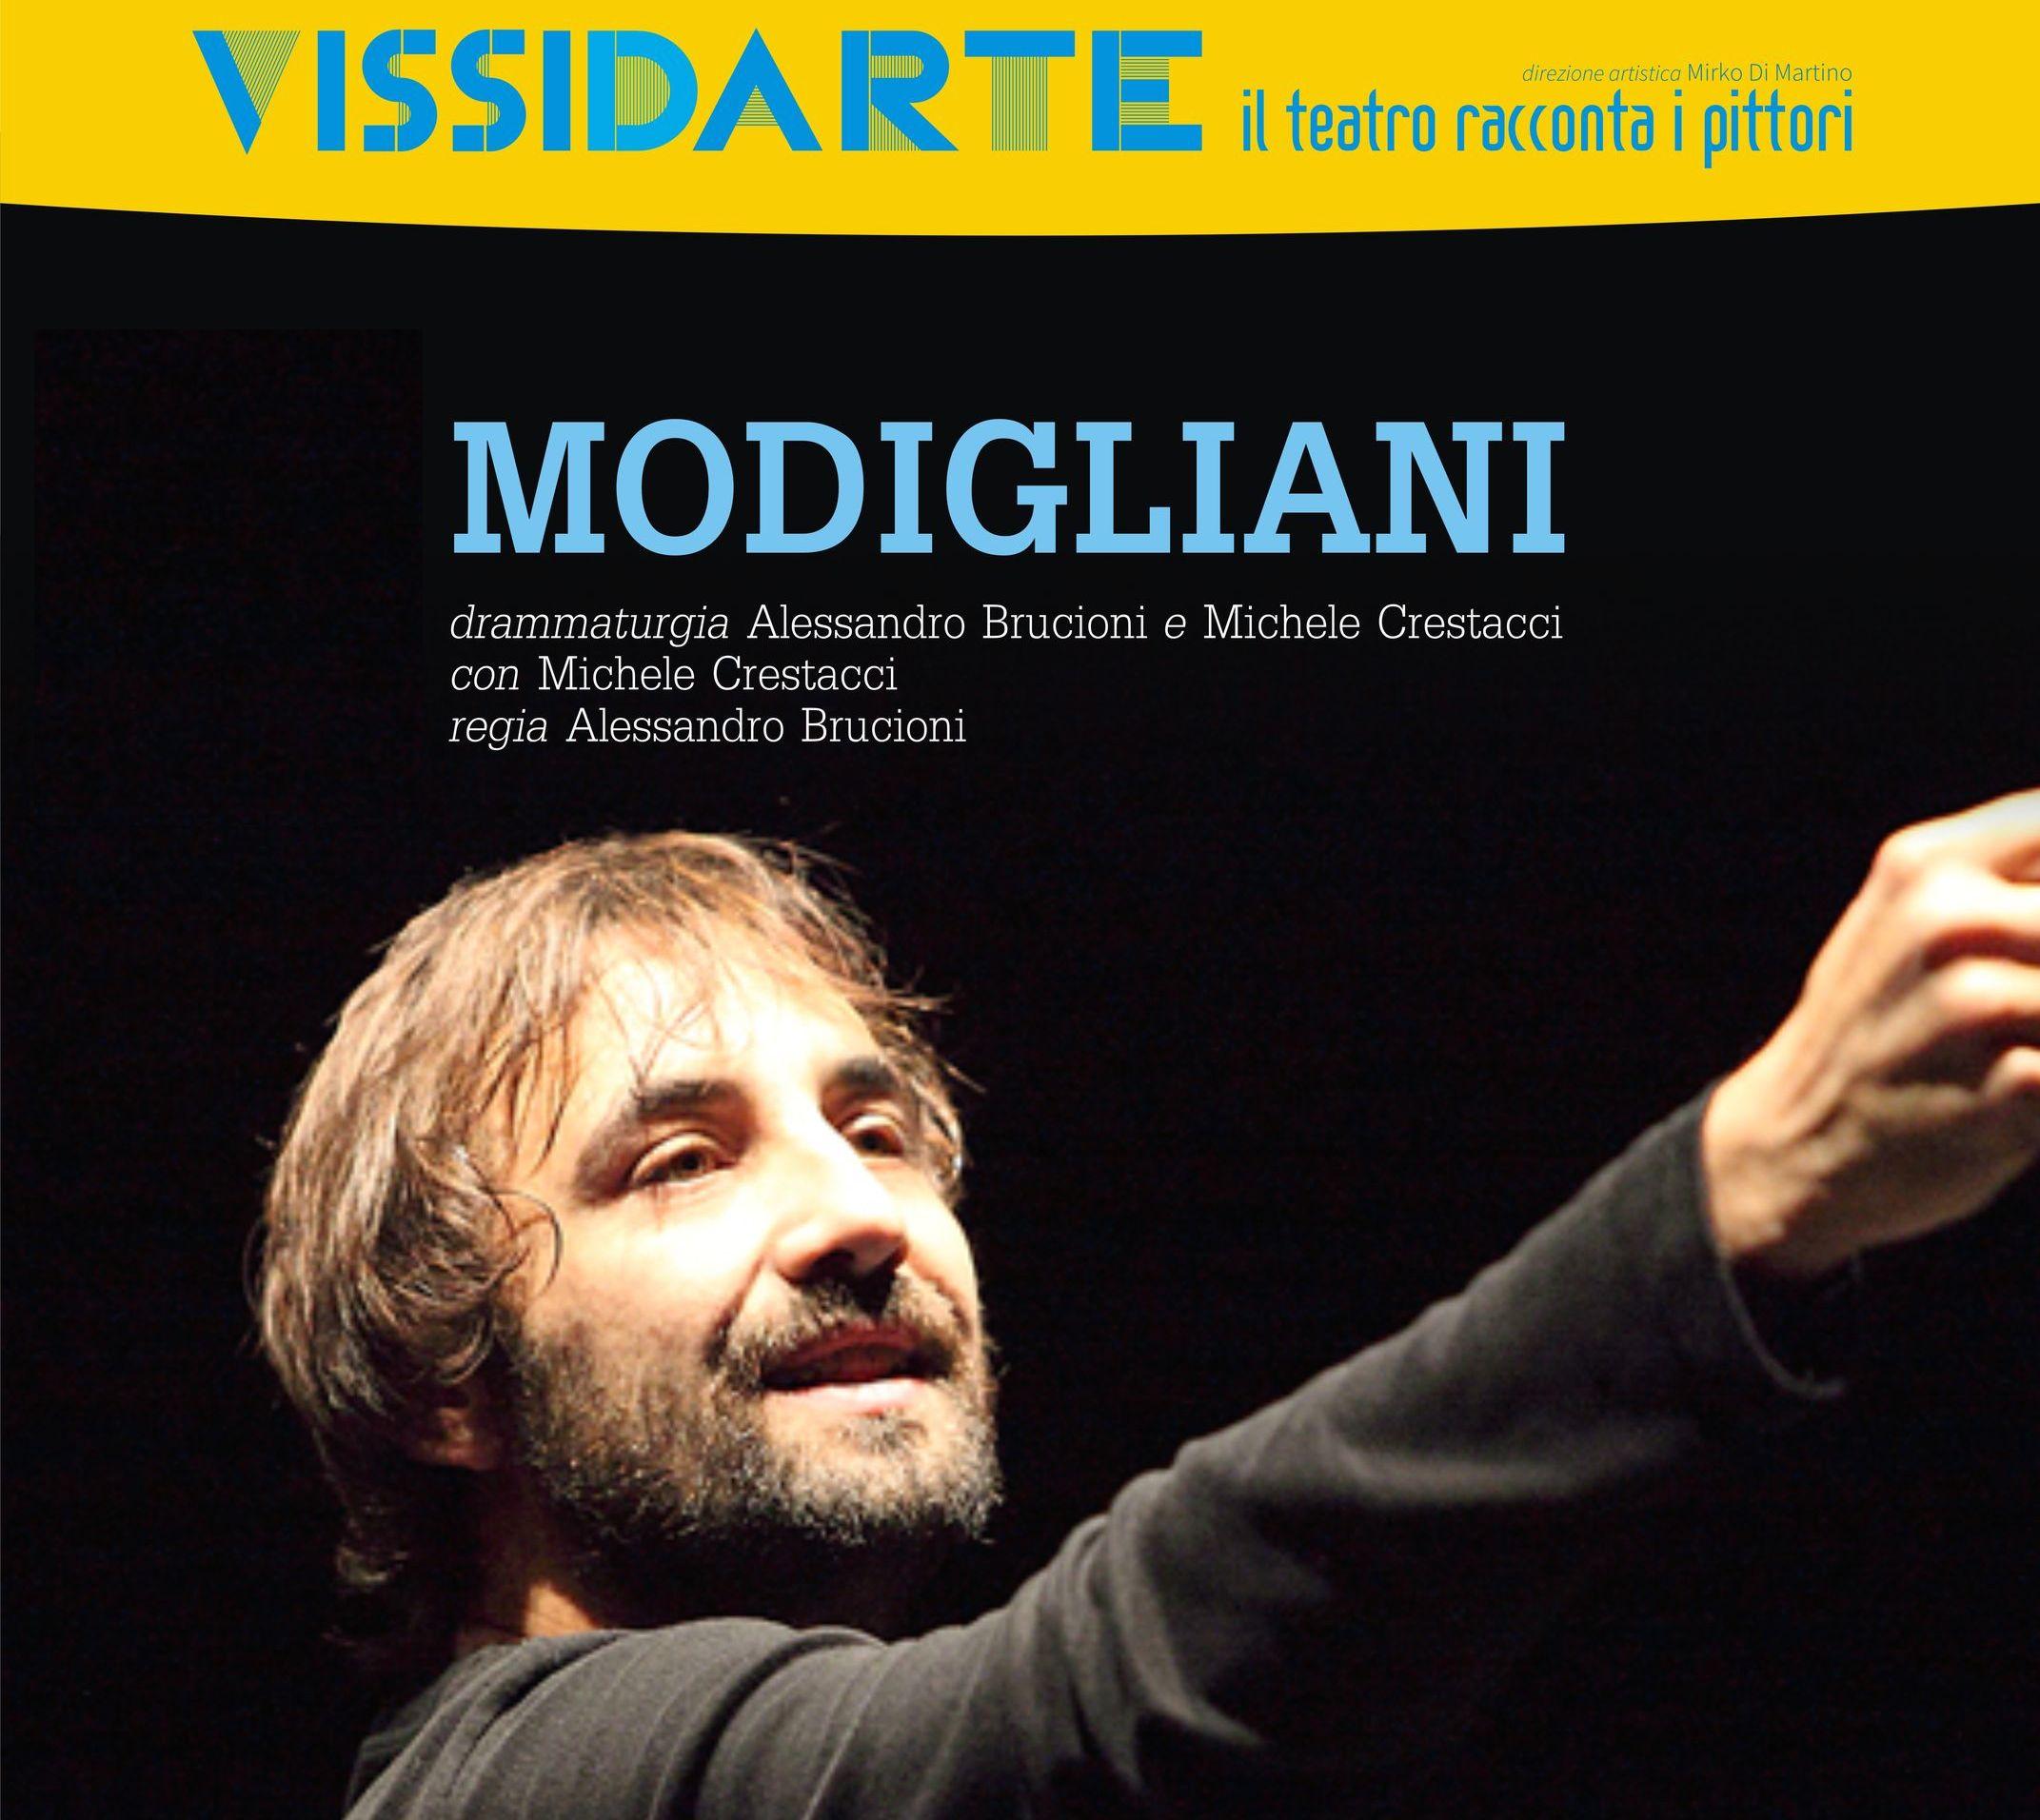 2015.09.03 - I tormenti di Amedeo Modigliani al Vissidarte festival